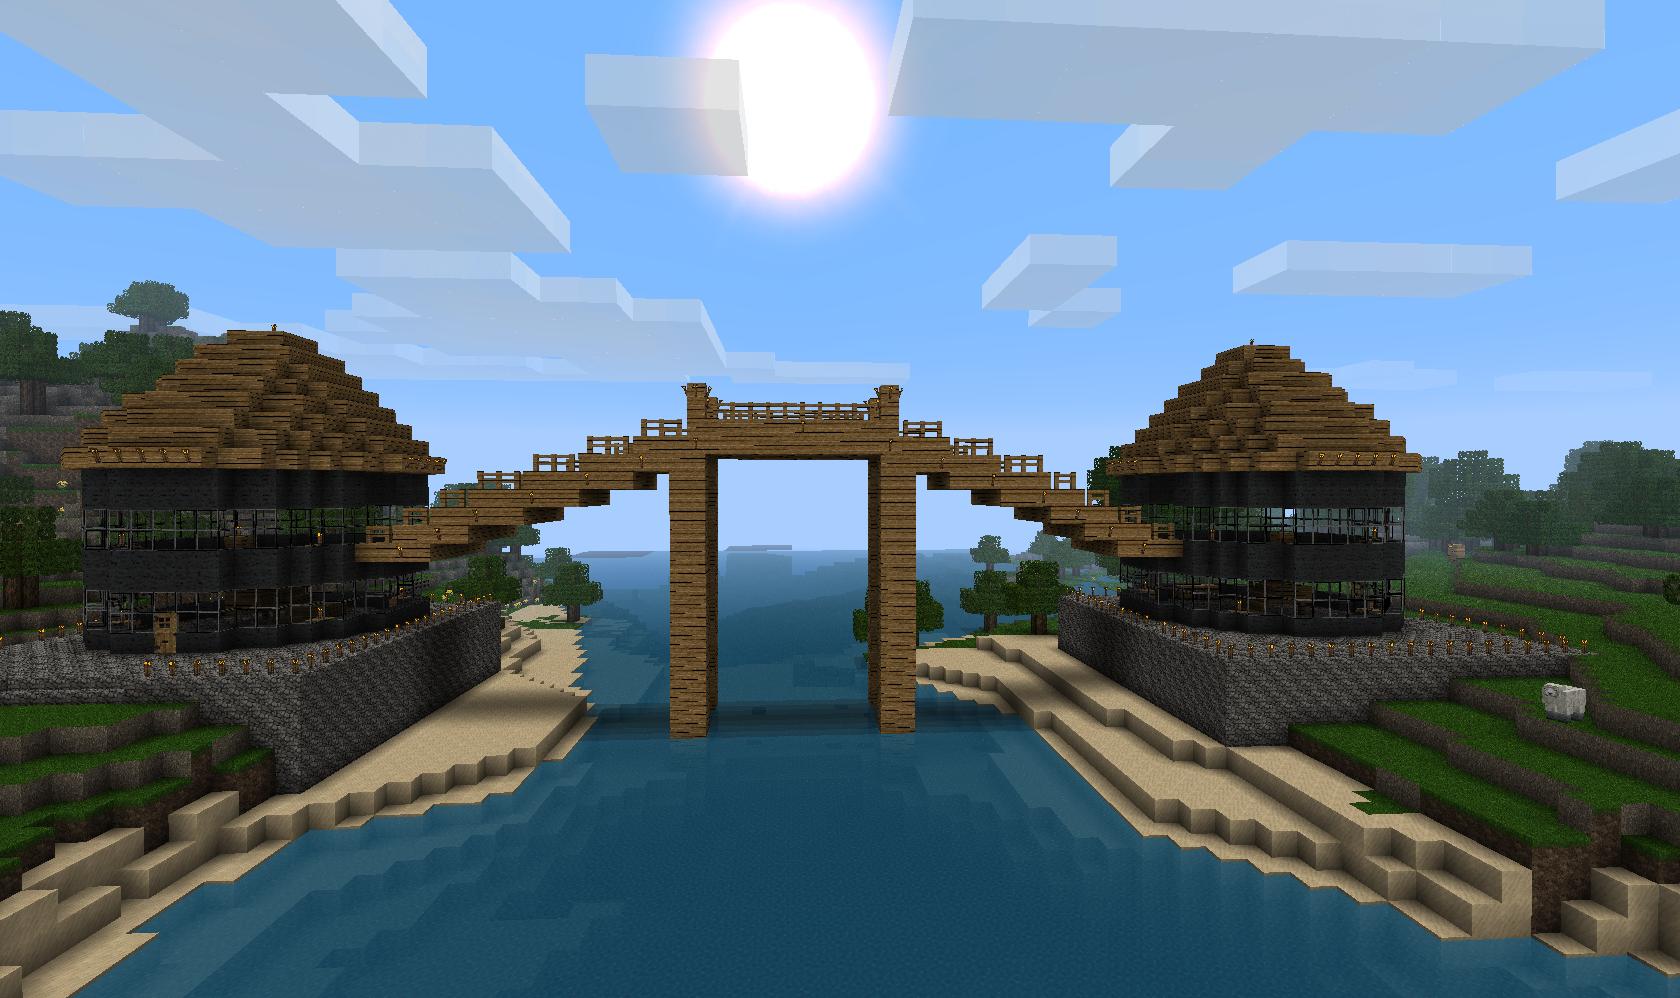 Gothic house cottage minecraft project minecraft - Minecraft projekte ...